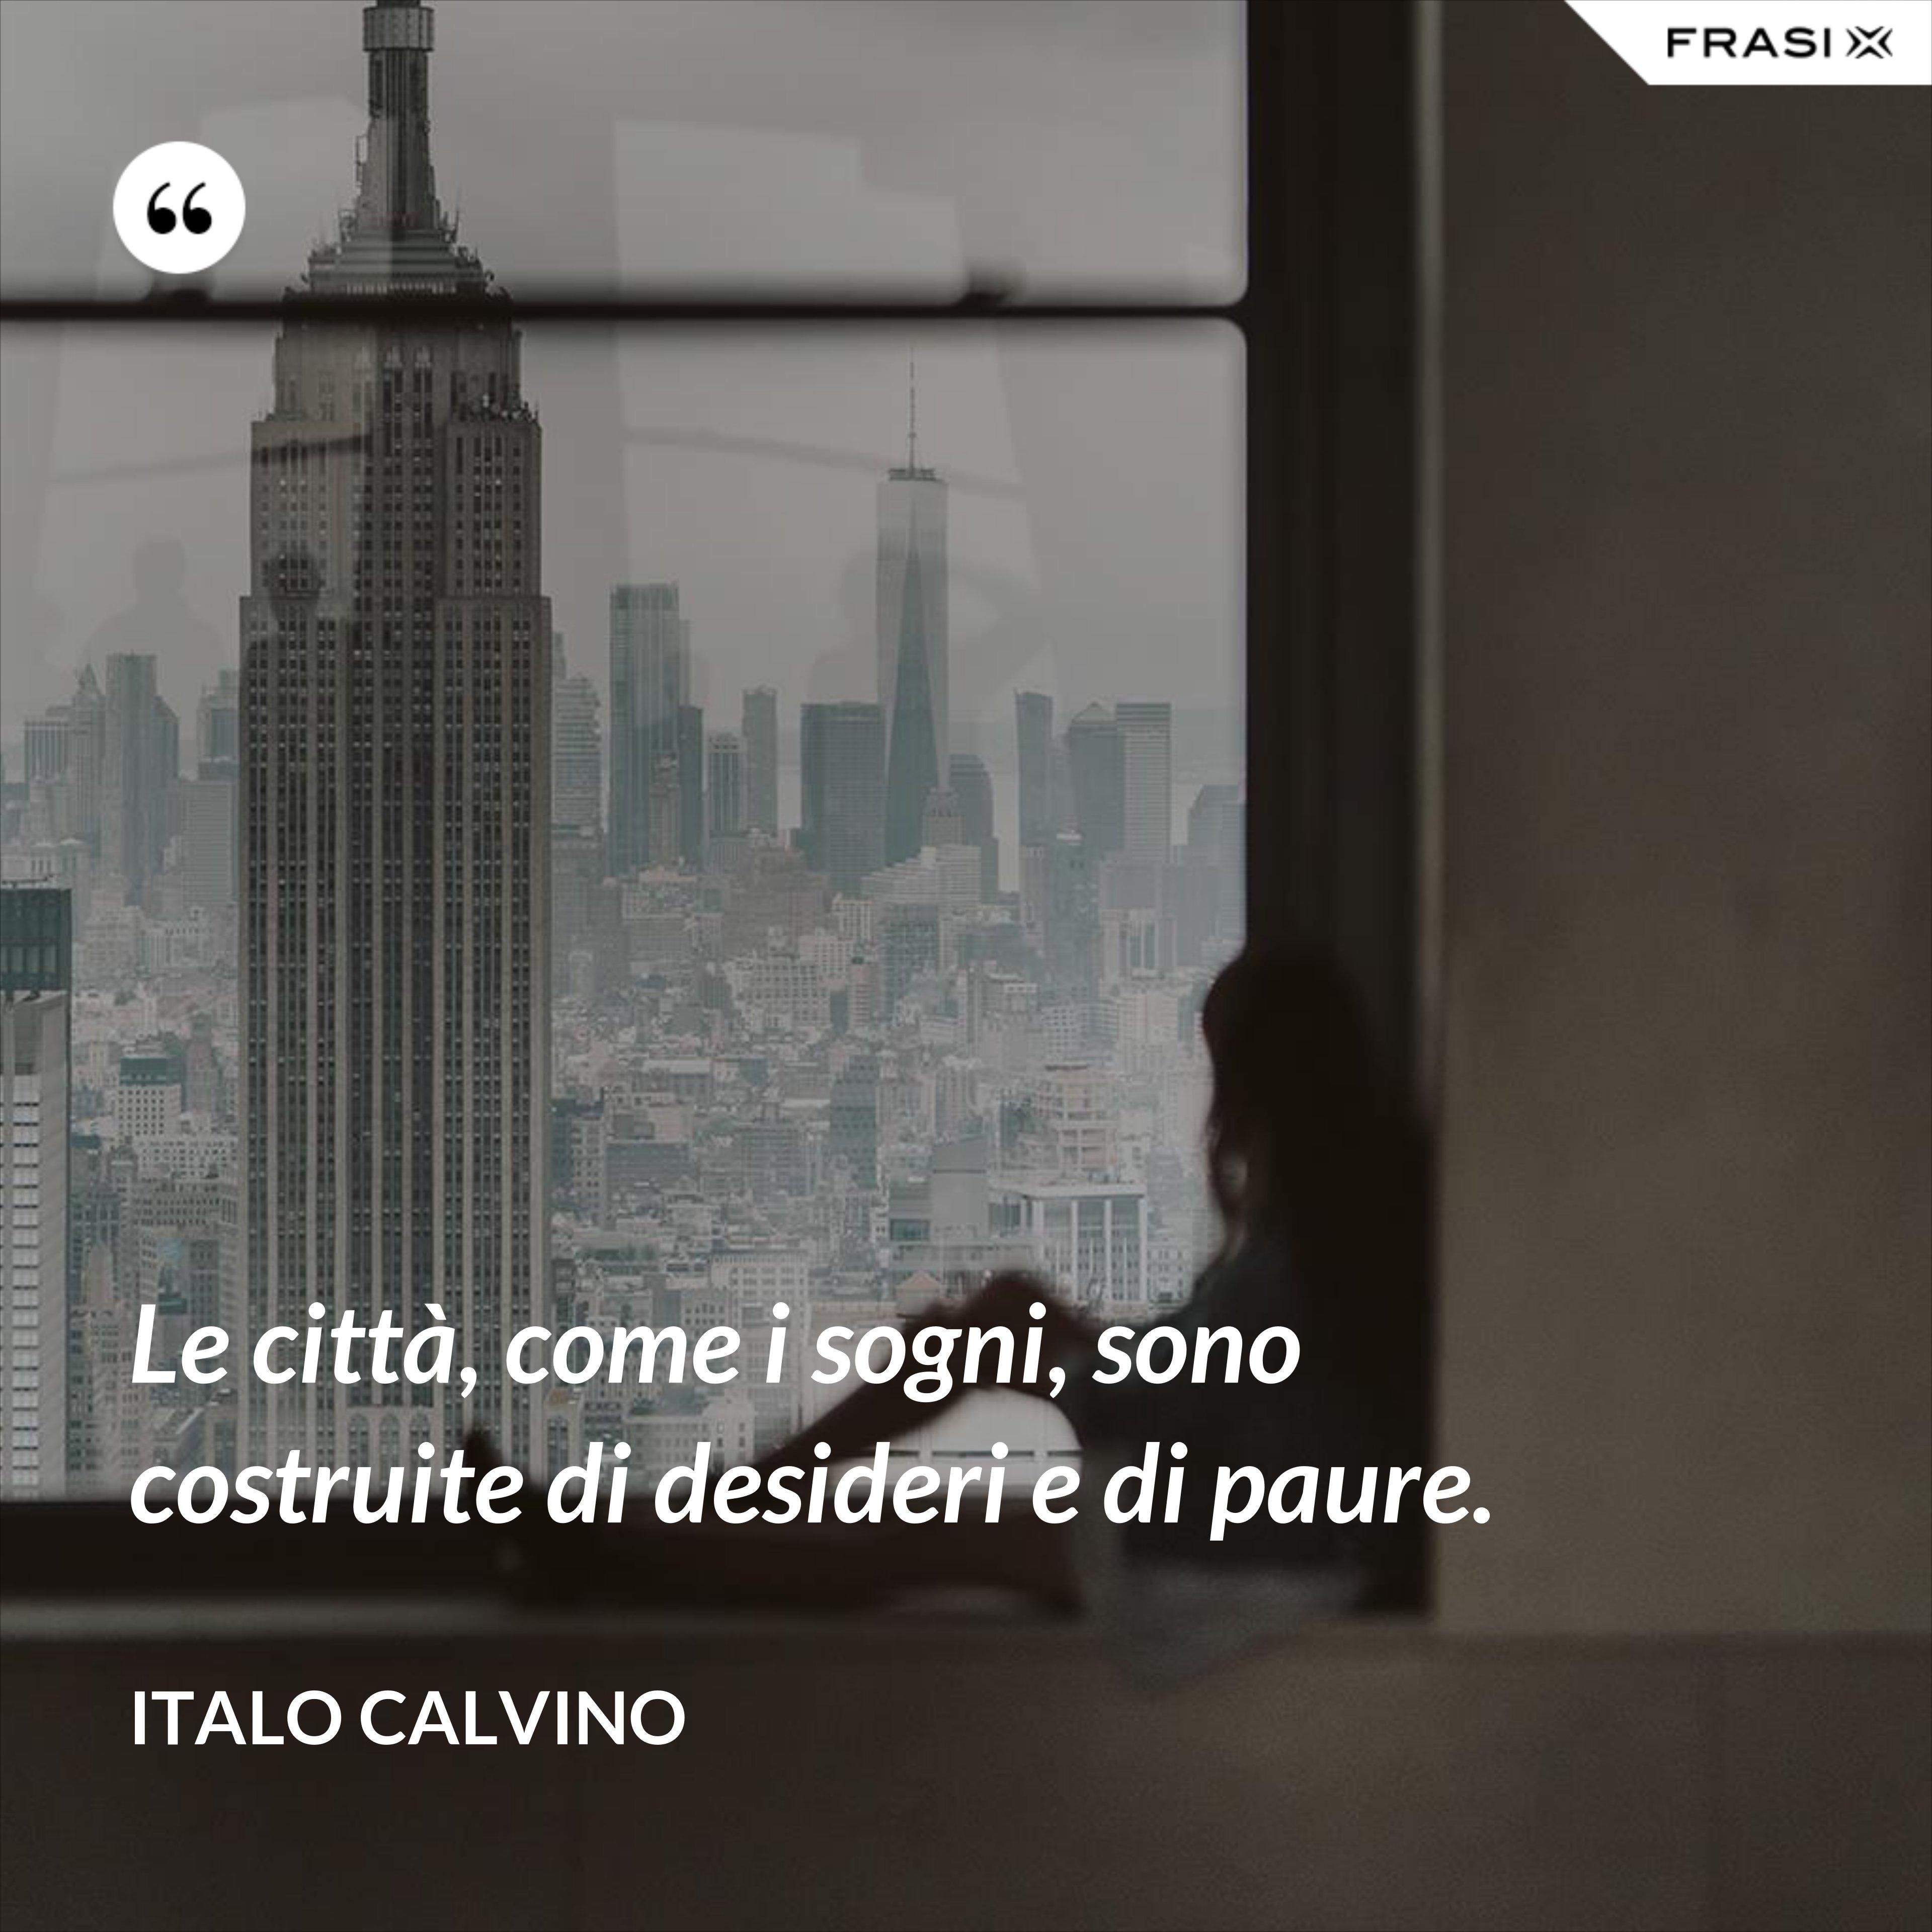 Le città, come i sogni, sono costruite di desideri e di paure. - Italo Calvino